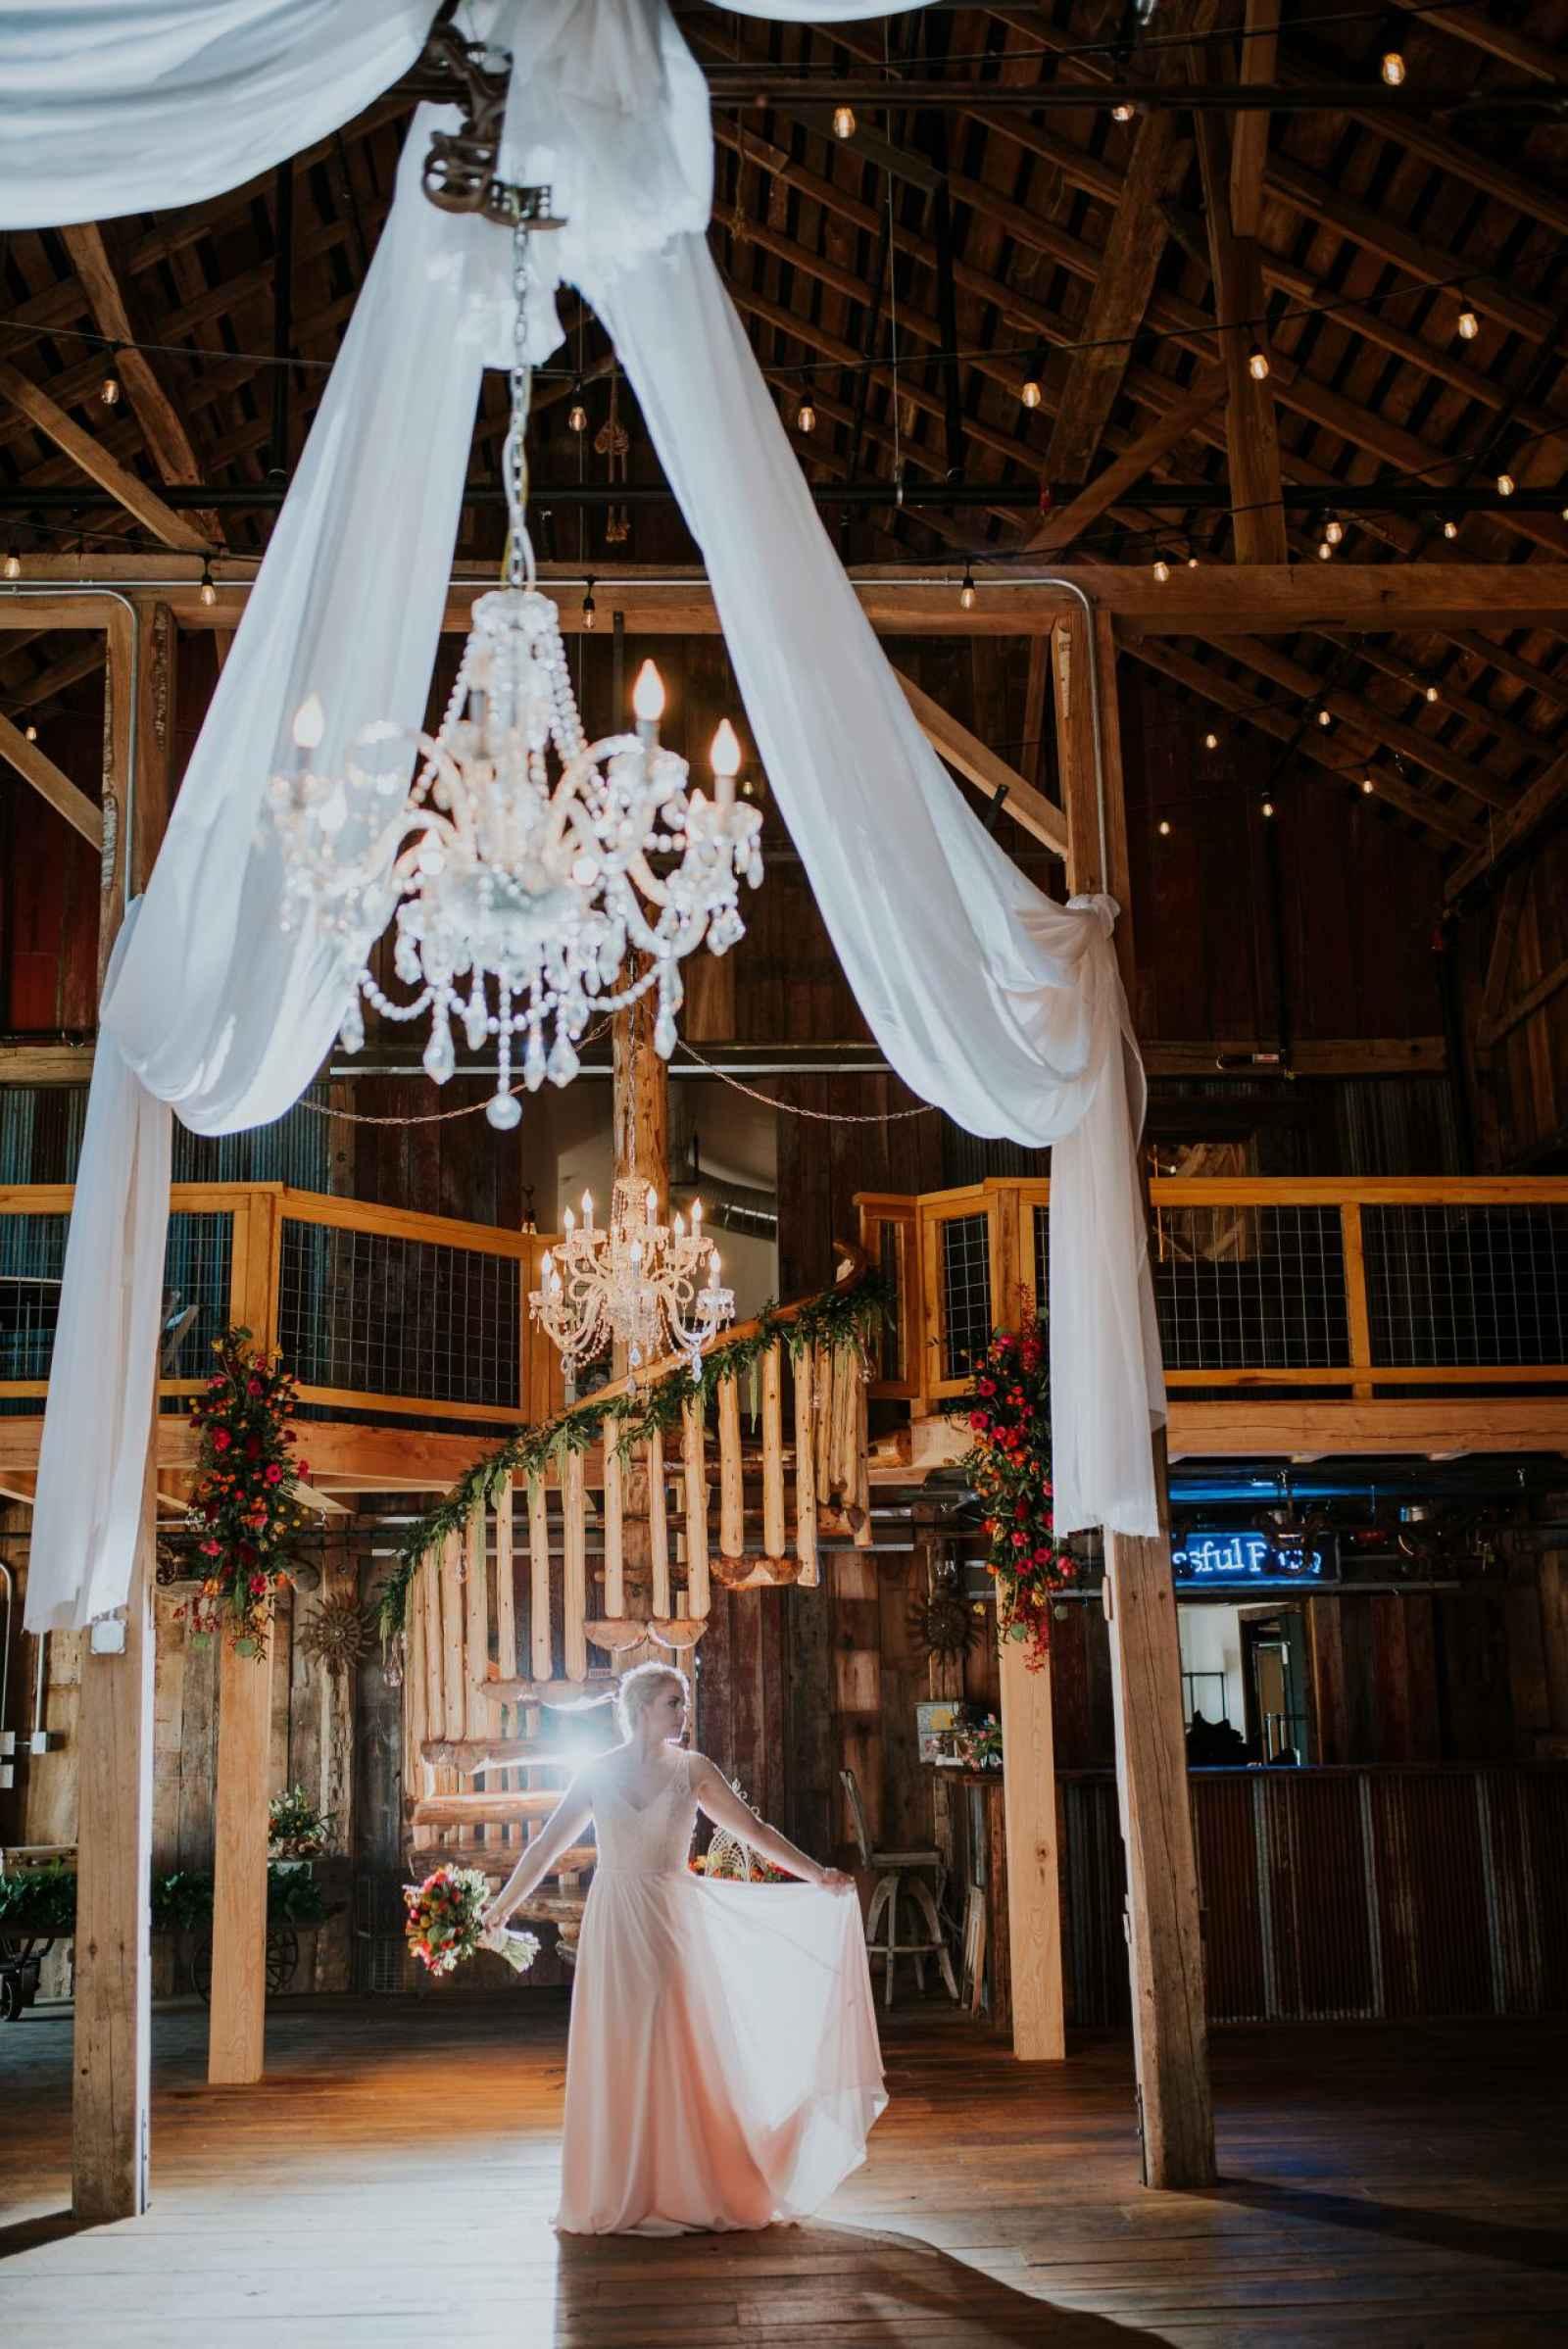 Weddingday Exclusive Style Shoot Blissful Barn Weddingday Magazine